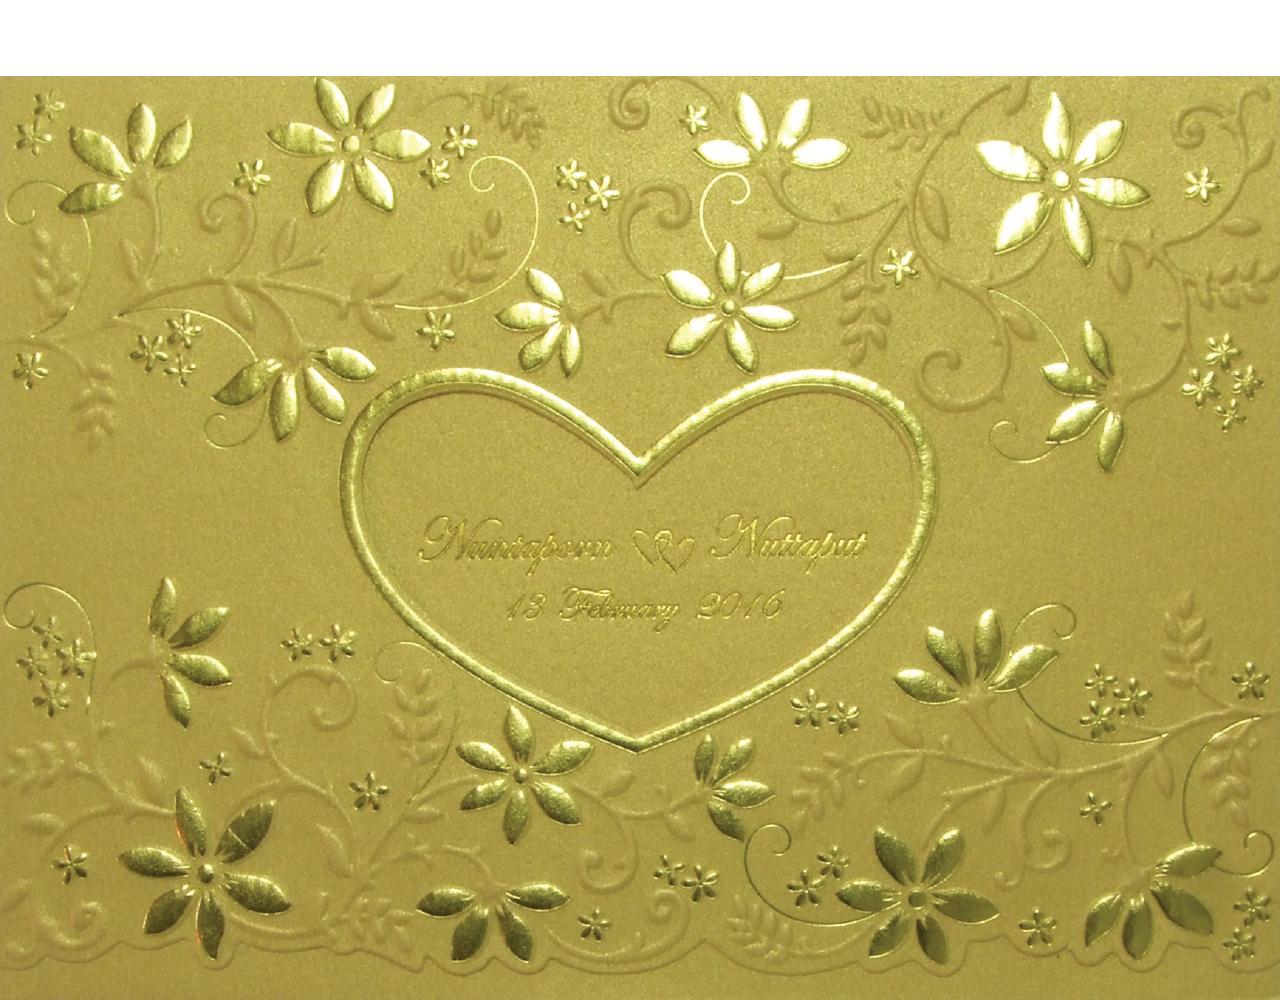 การ์ดแต่งงาน การ์ดเชิญงานแต่ง ลายดอกไม้ น่ารัก ปั๊มนูน ปั๊มฟอยล์ 3 พับ กระดาษมุกทอง Wedding Card 13 x 18.3 cm WC 5931 Gold